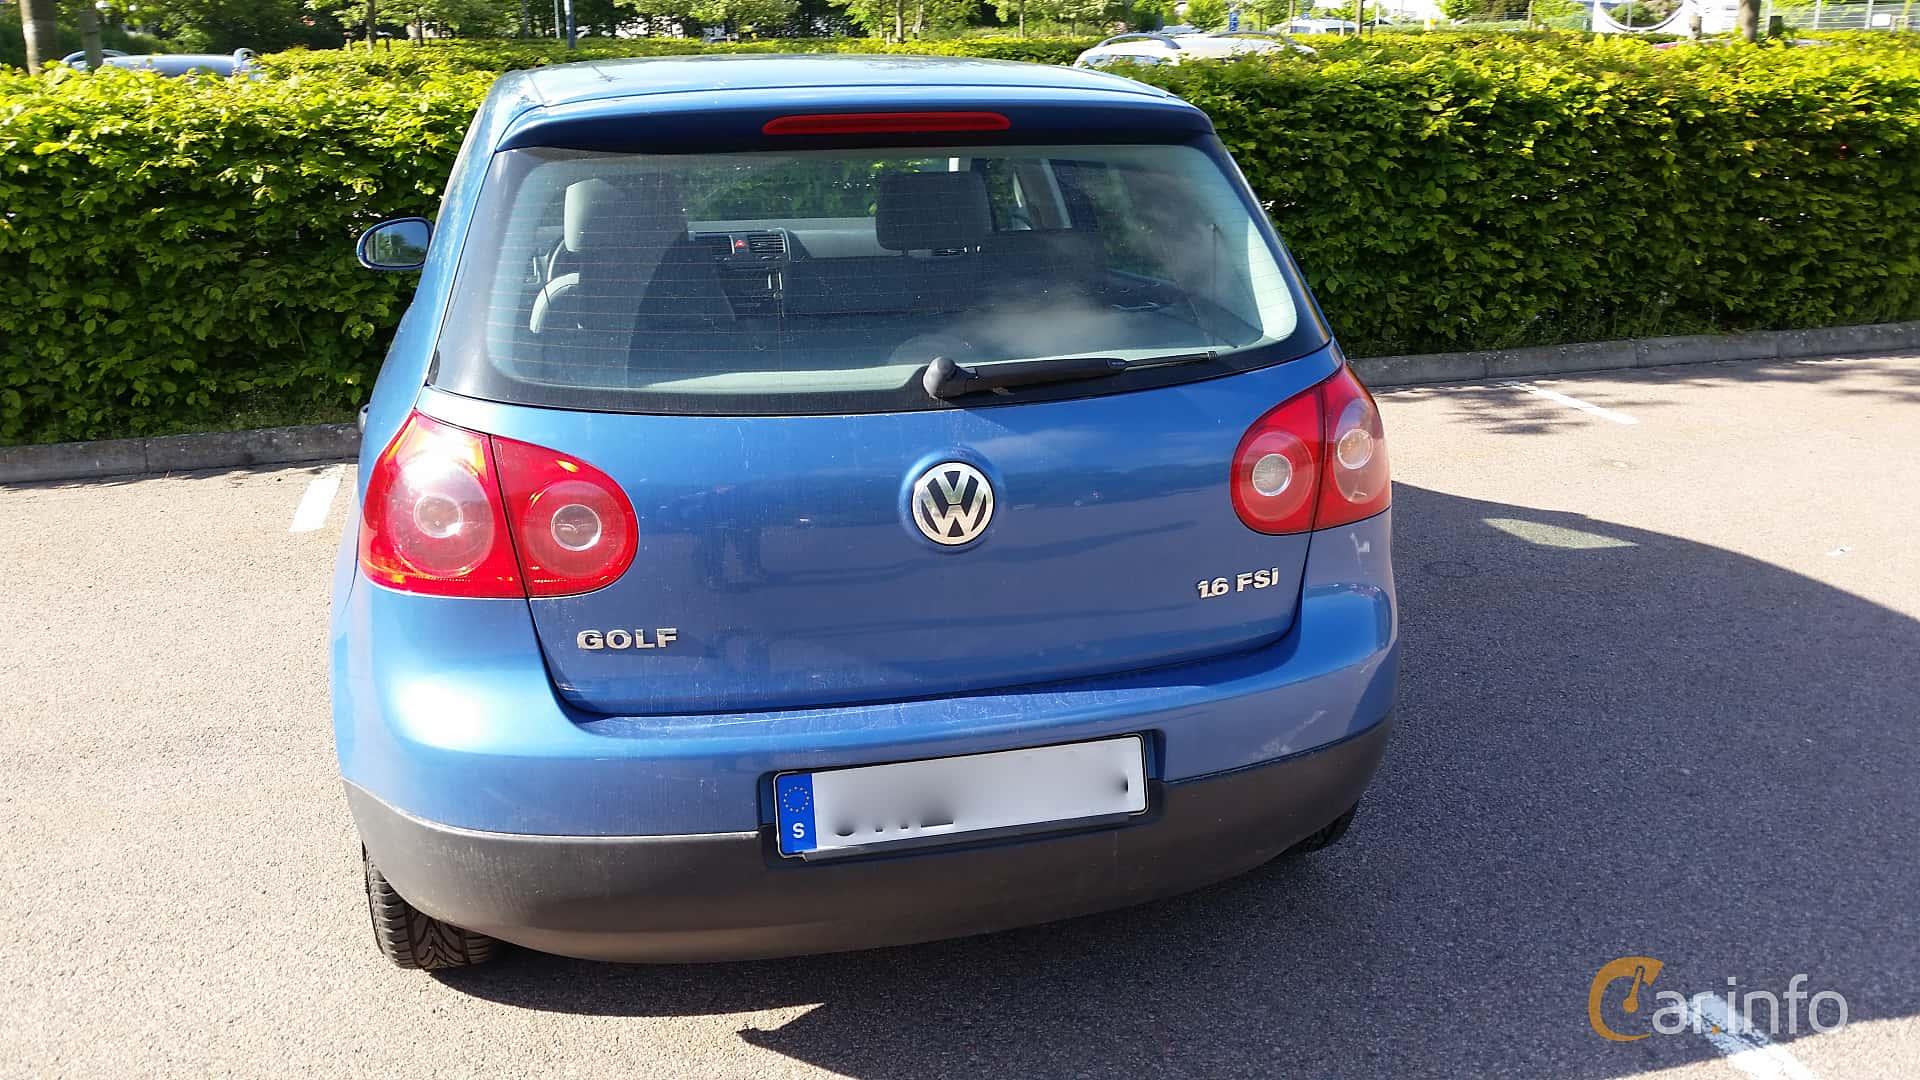 volkswagen golf 5 door 1 6 fsi manual 115hp 2004 rh car info Volkswagen Golf  MK4 Volkswagen